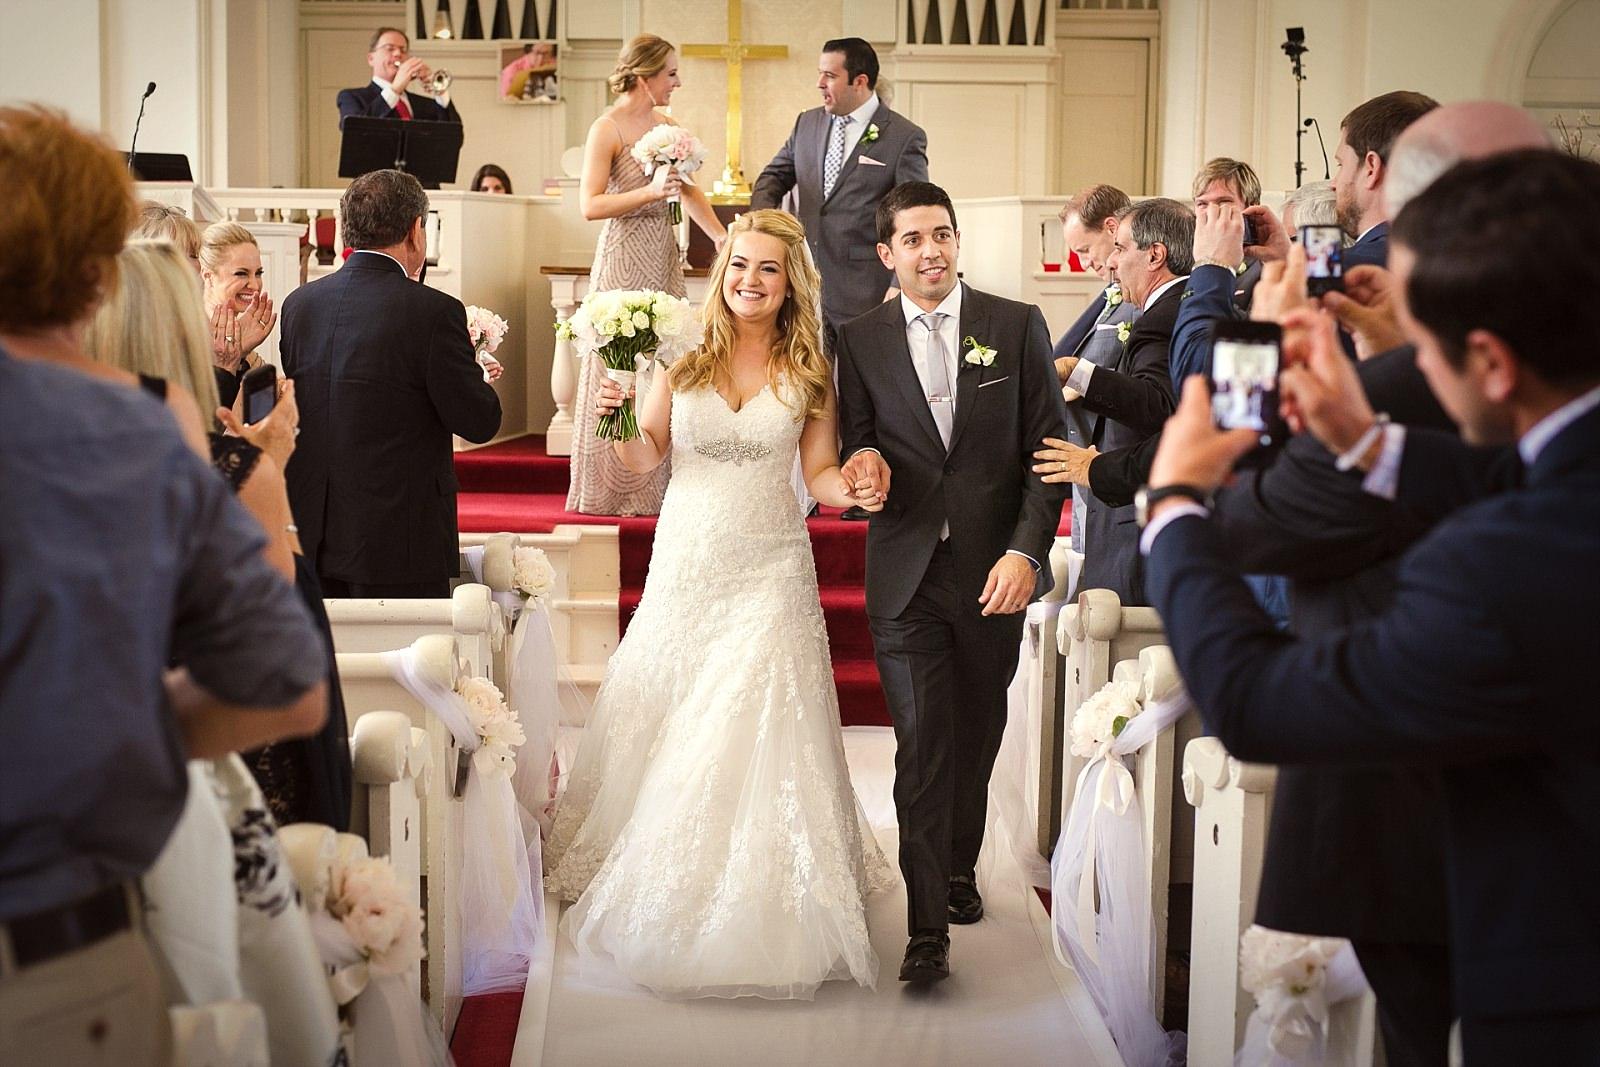 CT_Wedding_Photographer_KrCh_19.jpg